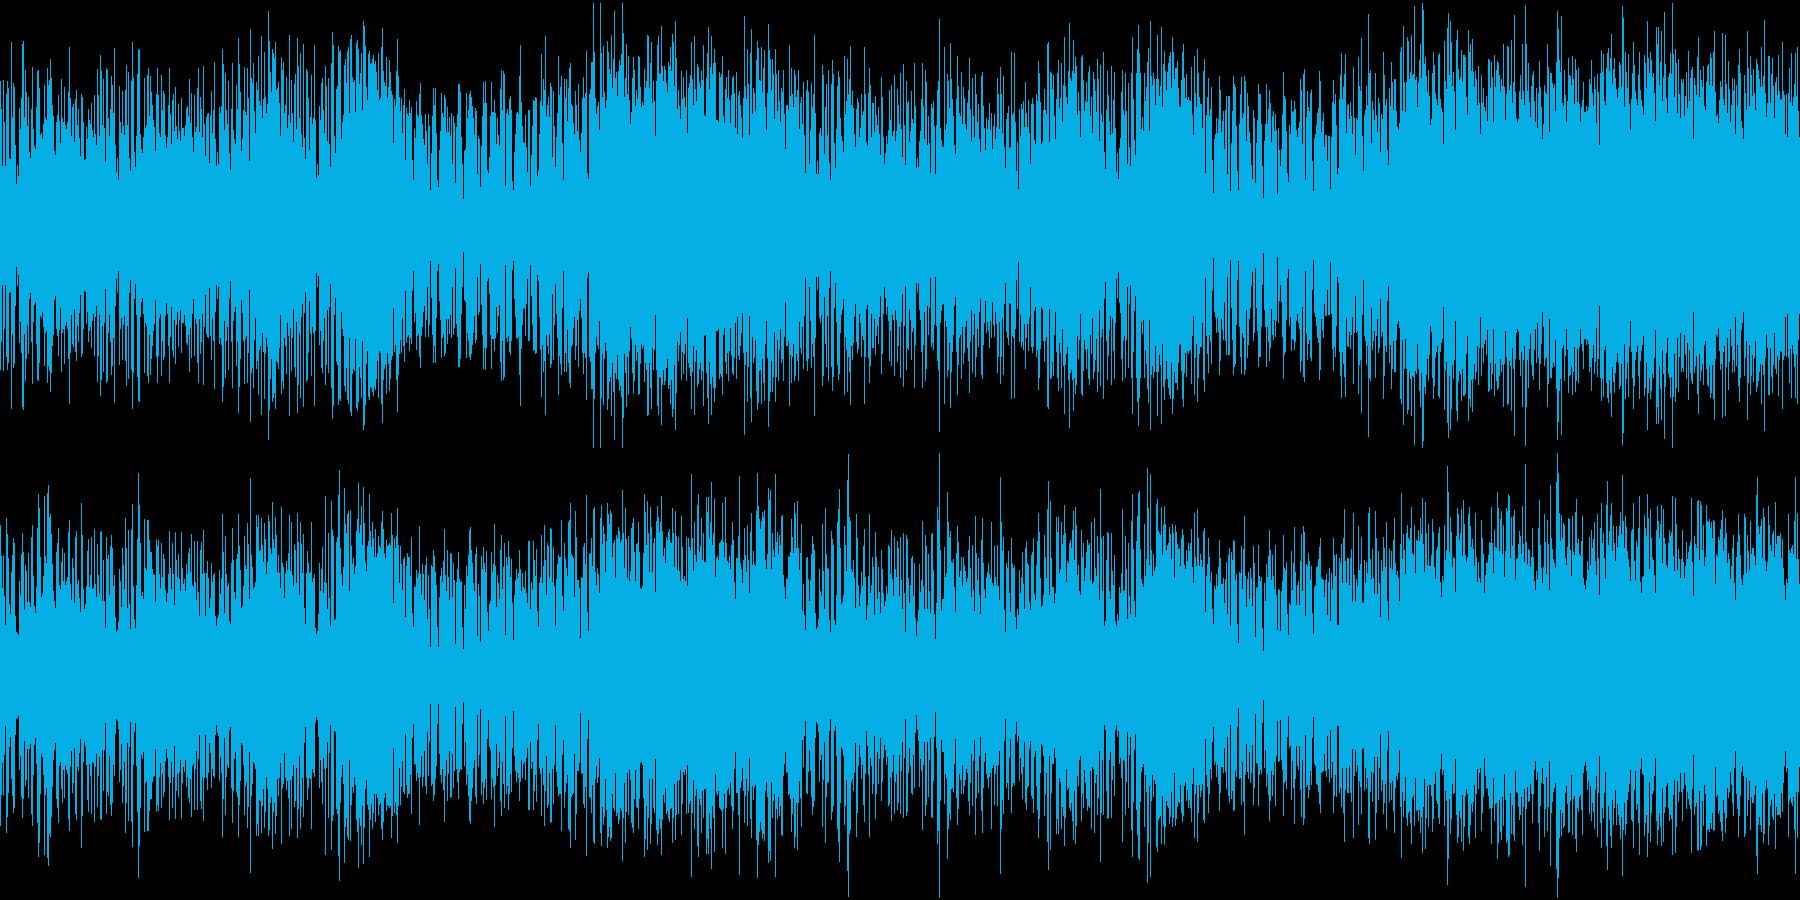 ウクレレ等でテンポ遅め打楽器なしのループの再生済みの波形